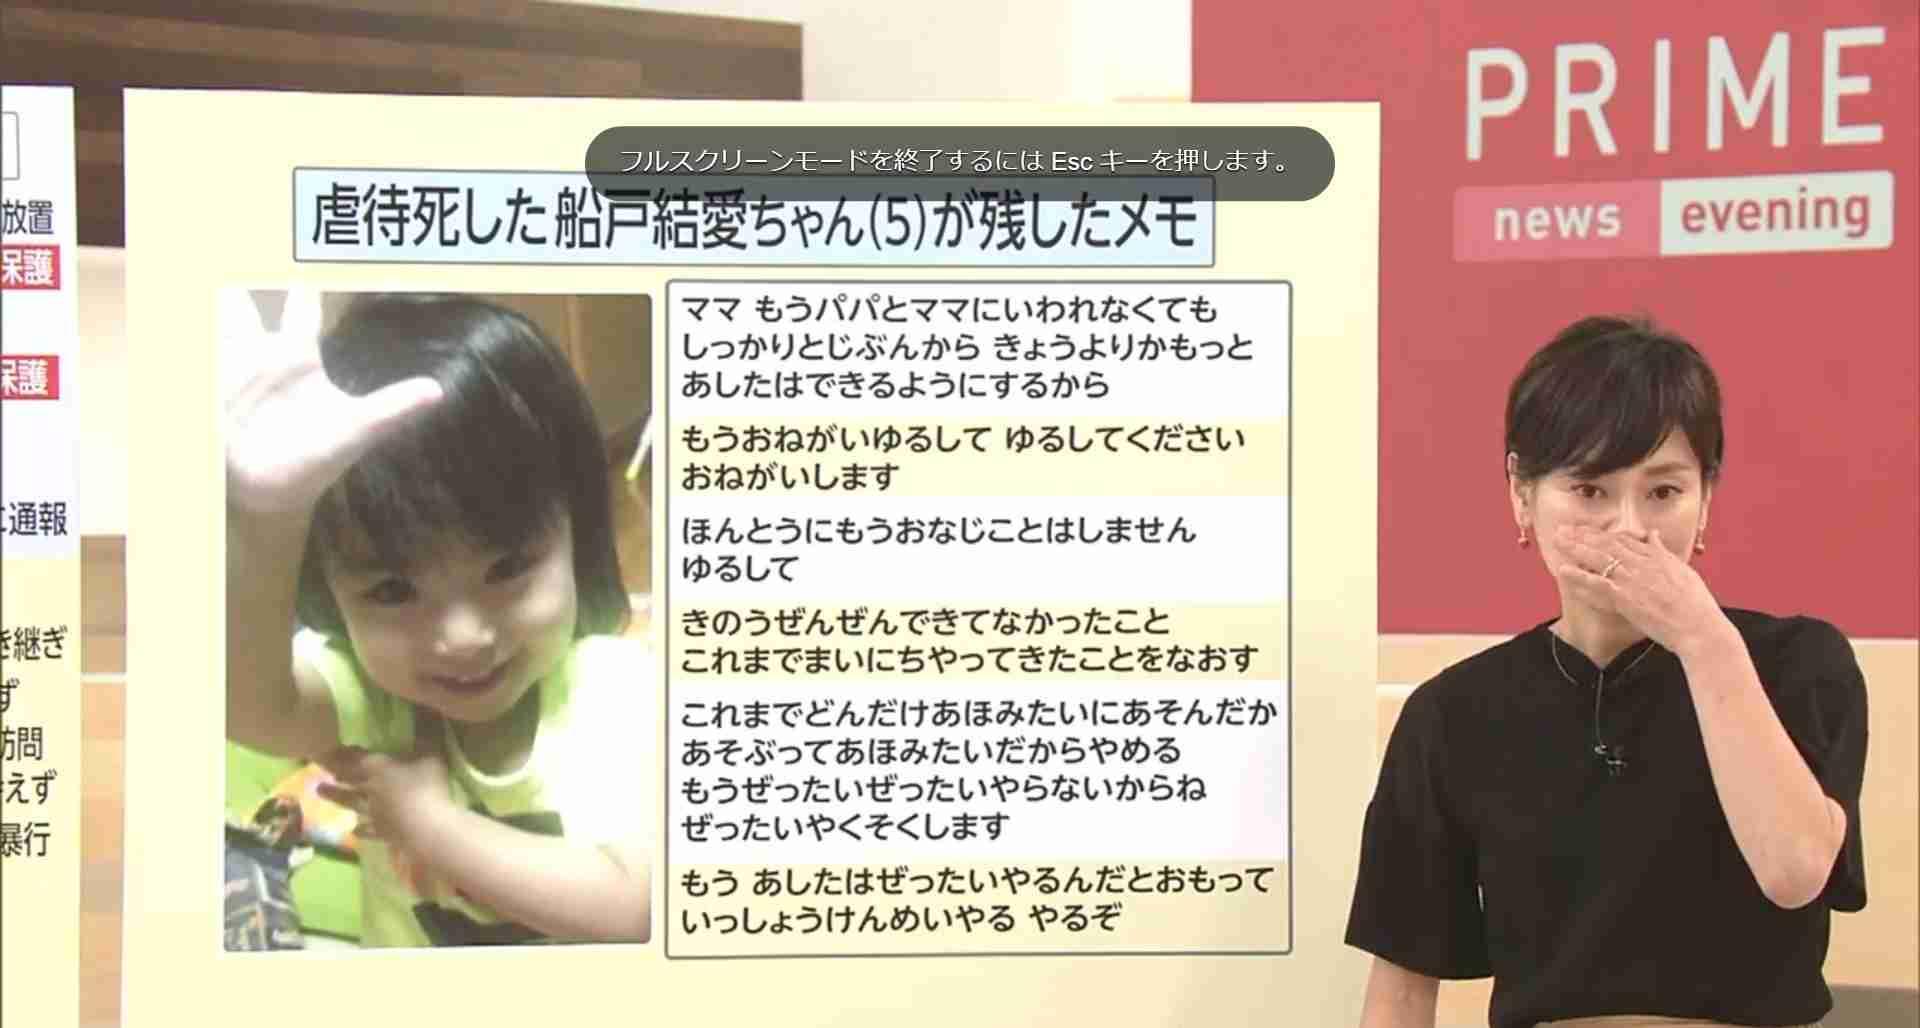 虐待されても「ママゆるして」に島田キャスター思わず涙 結愛ちゃんは救えた命(FNN PRIME) - Yahoo!ニュース